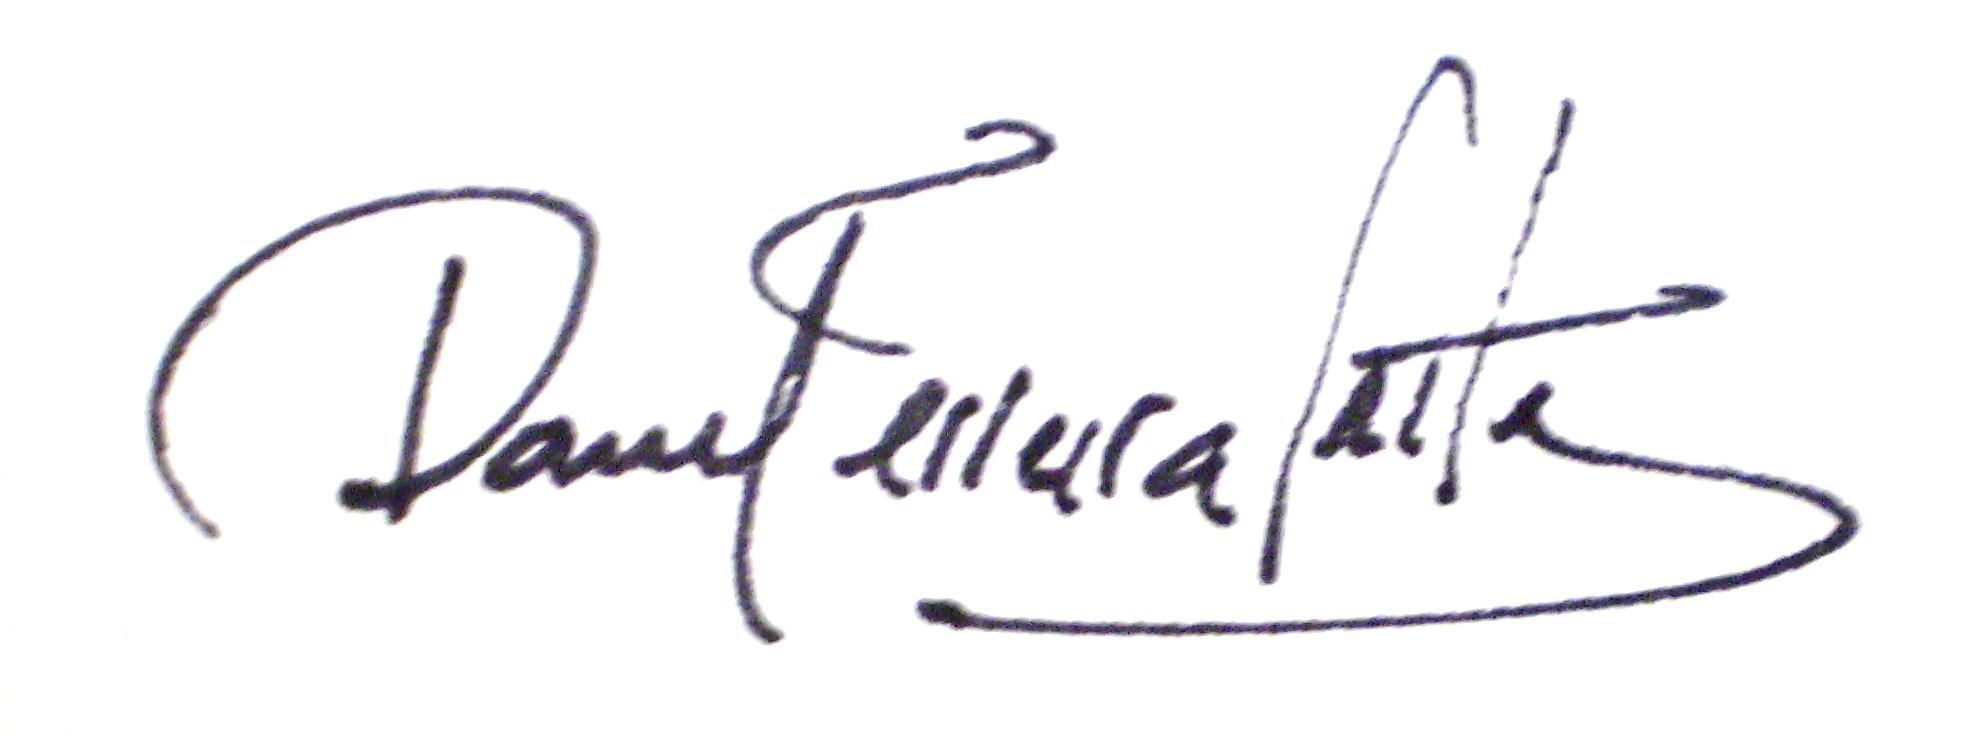 Daniel ferreira leites's Signature